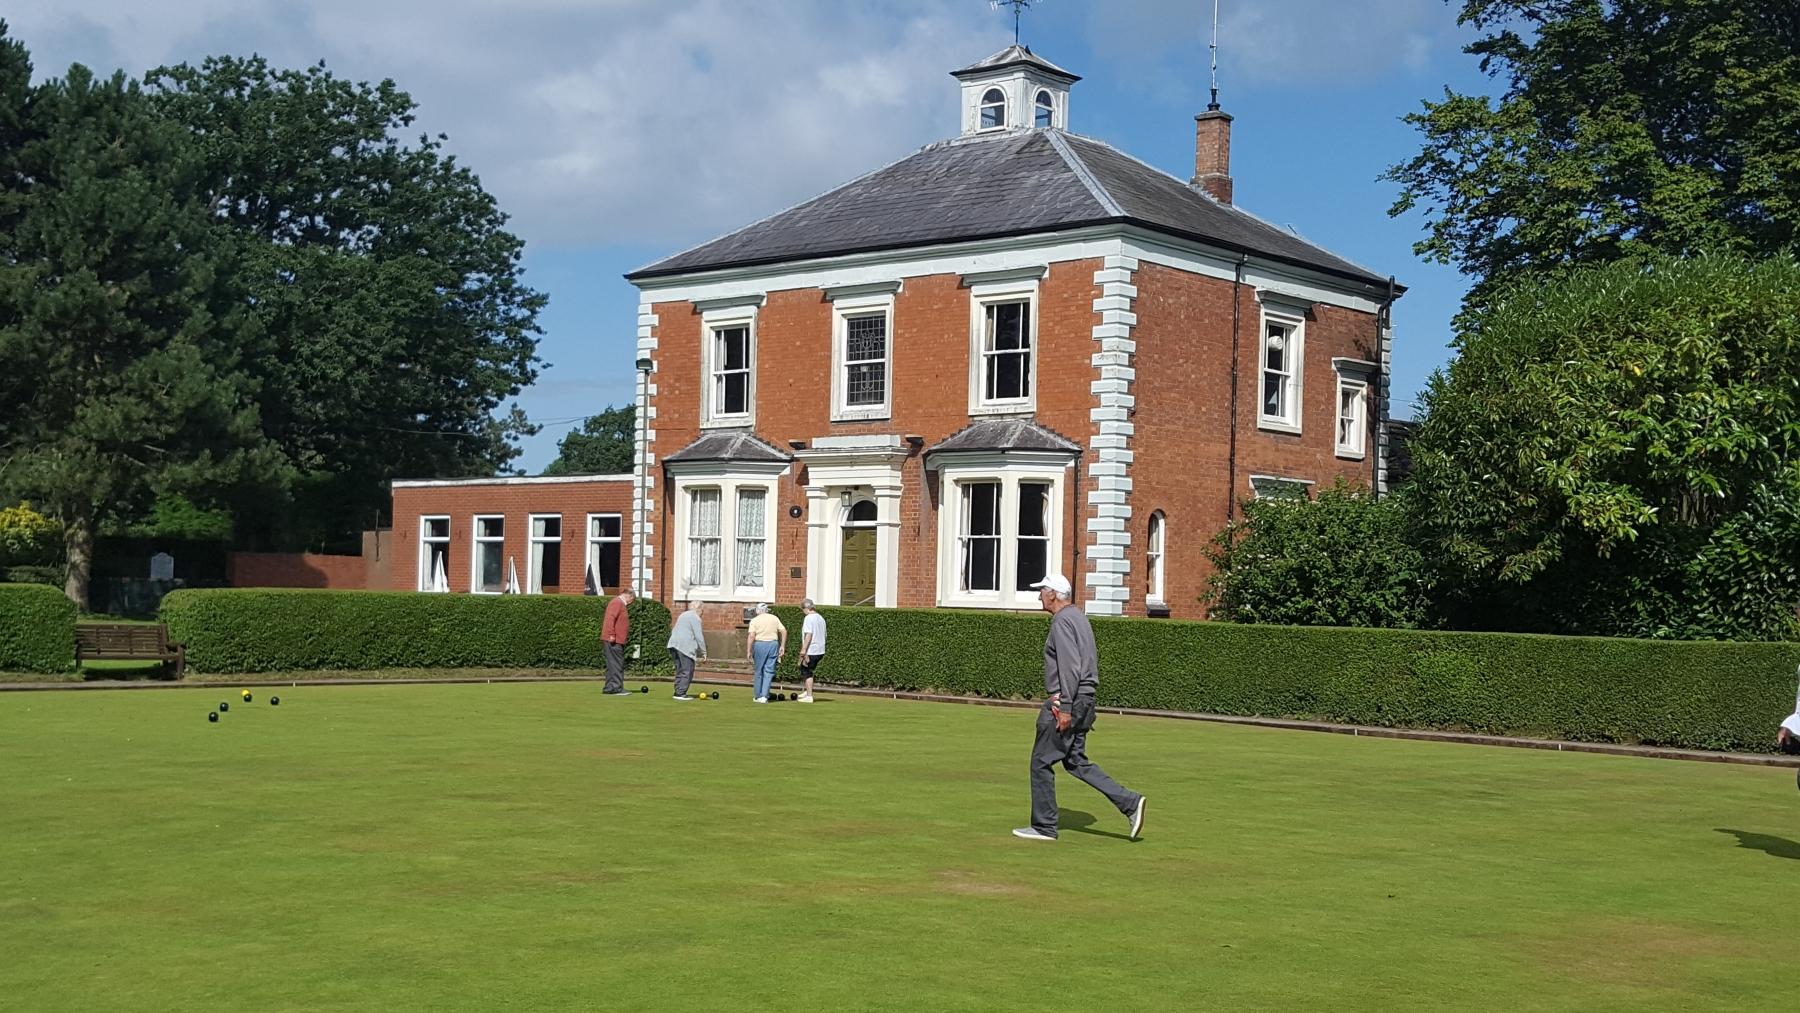 Wythall Bowling Club